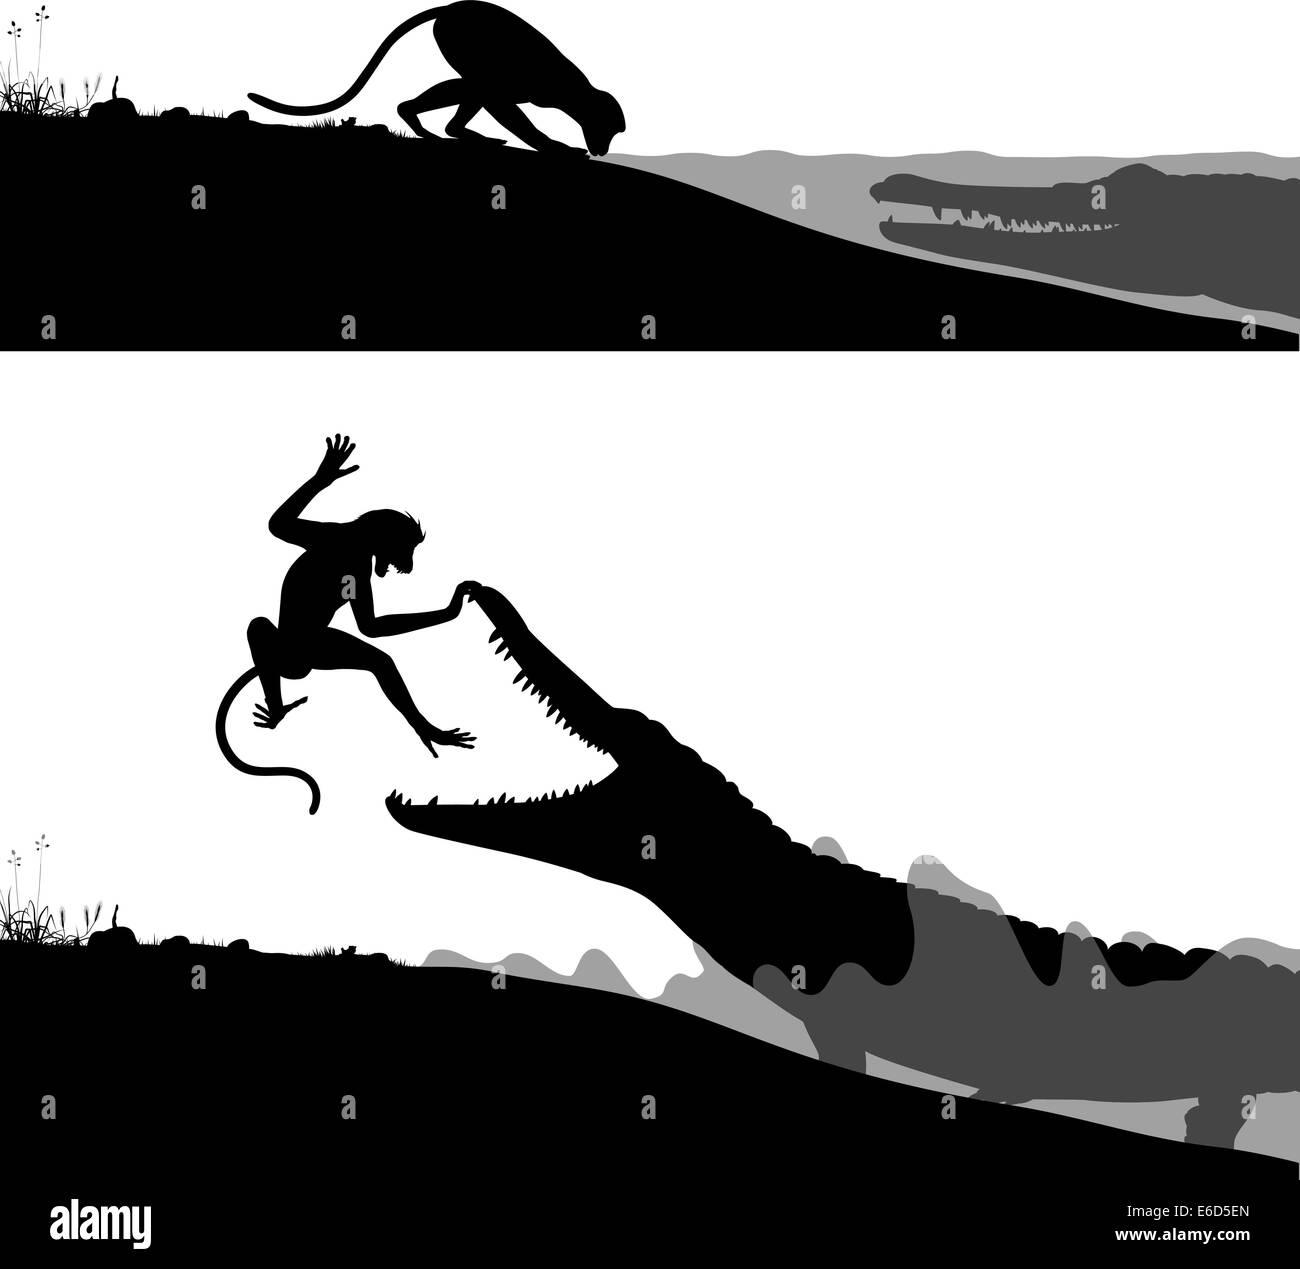 Siluetas vectorial editable de un cocodrilo caza un sediento monkey Imagen De Stock